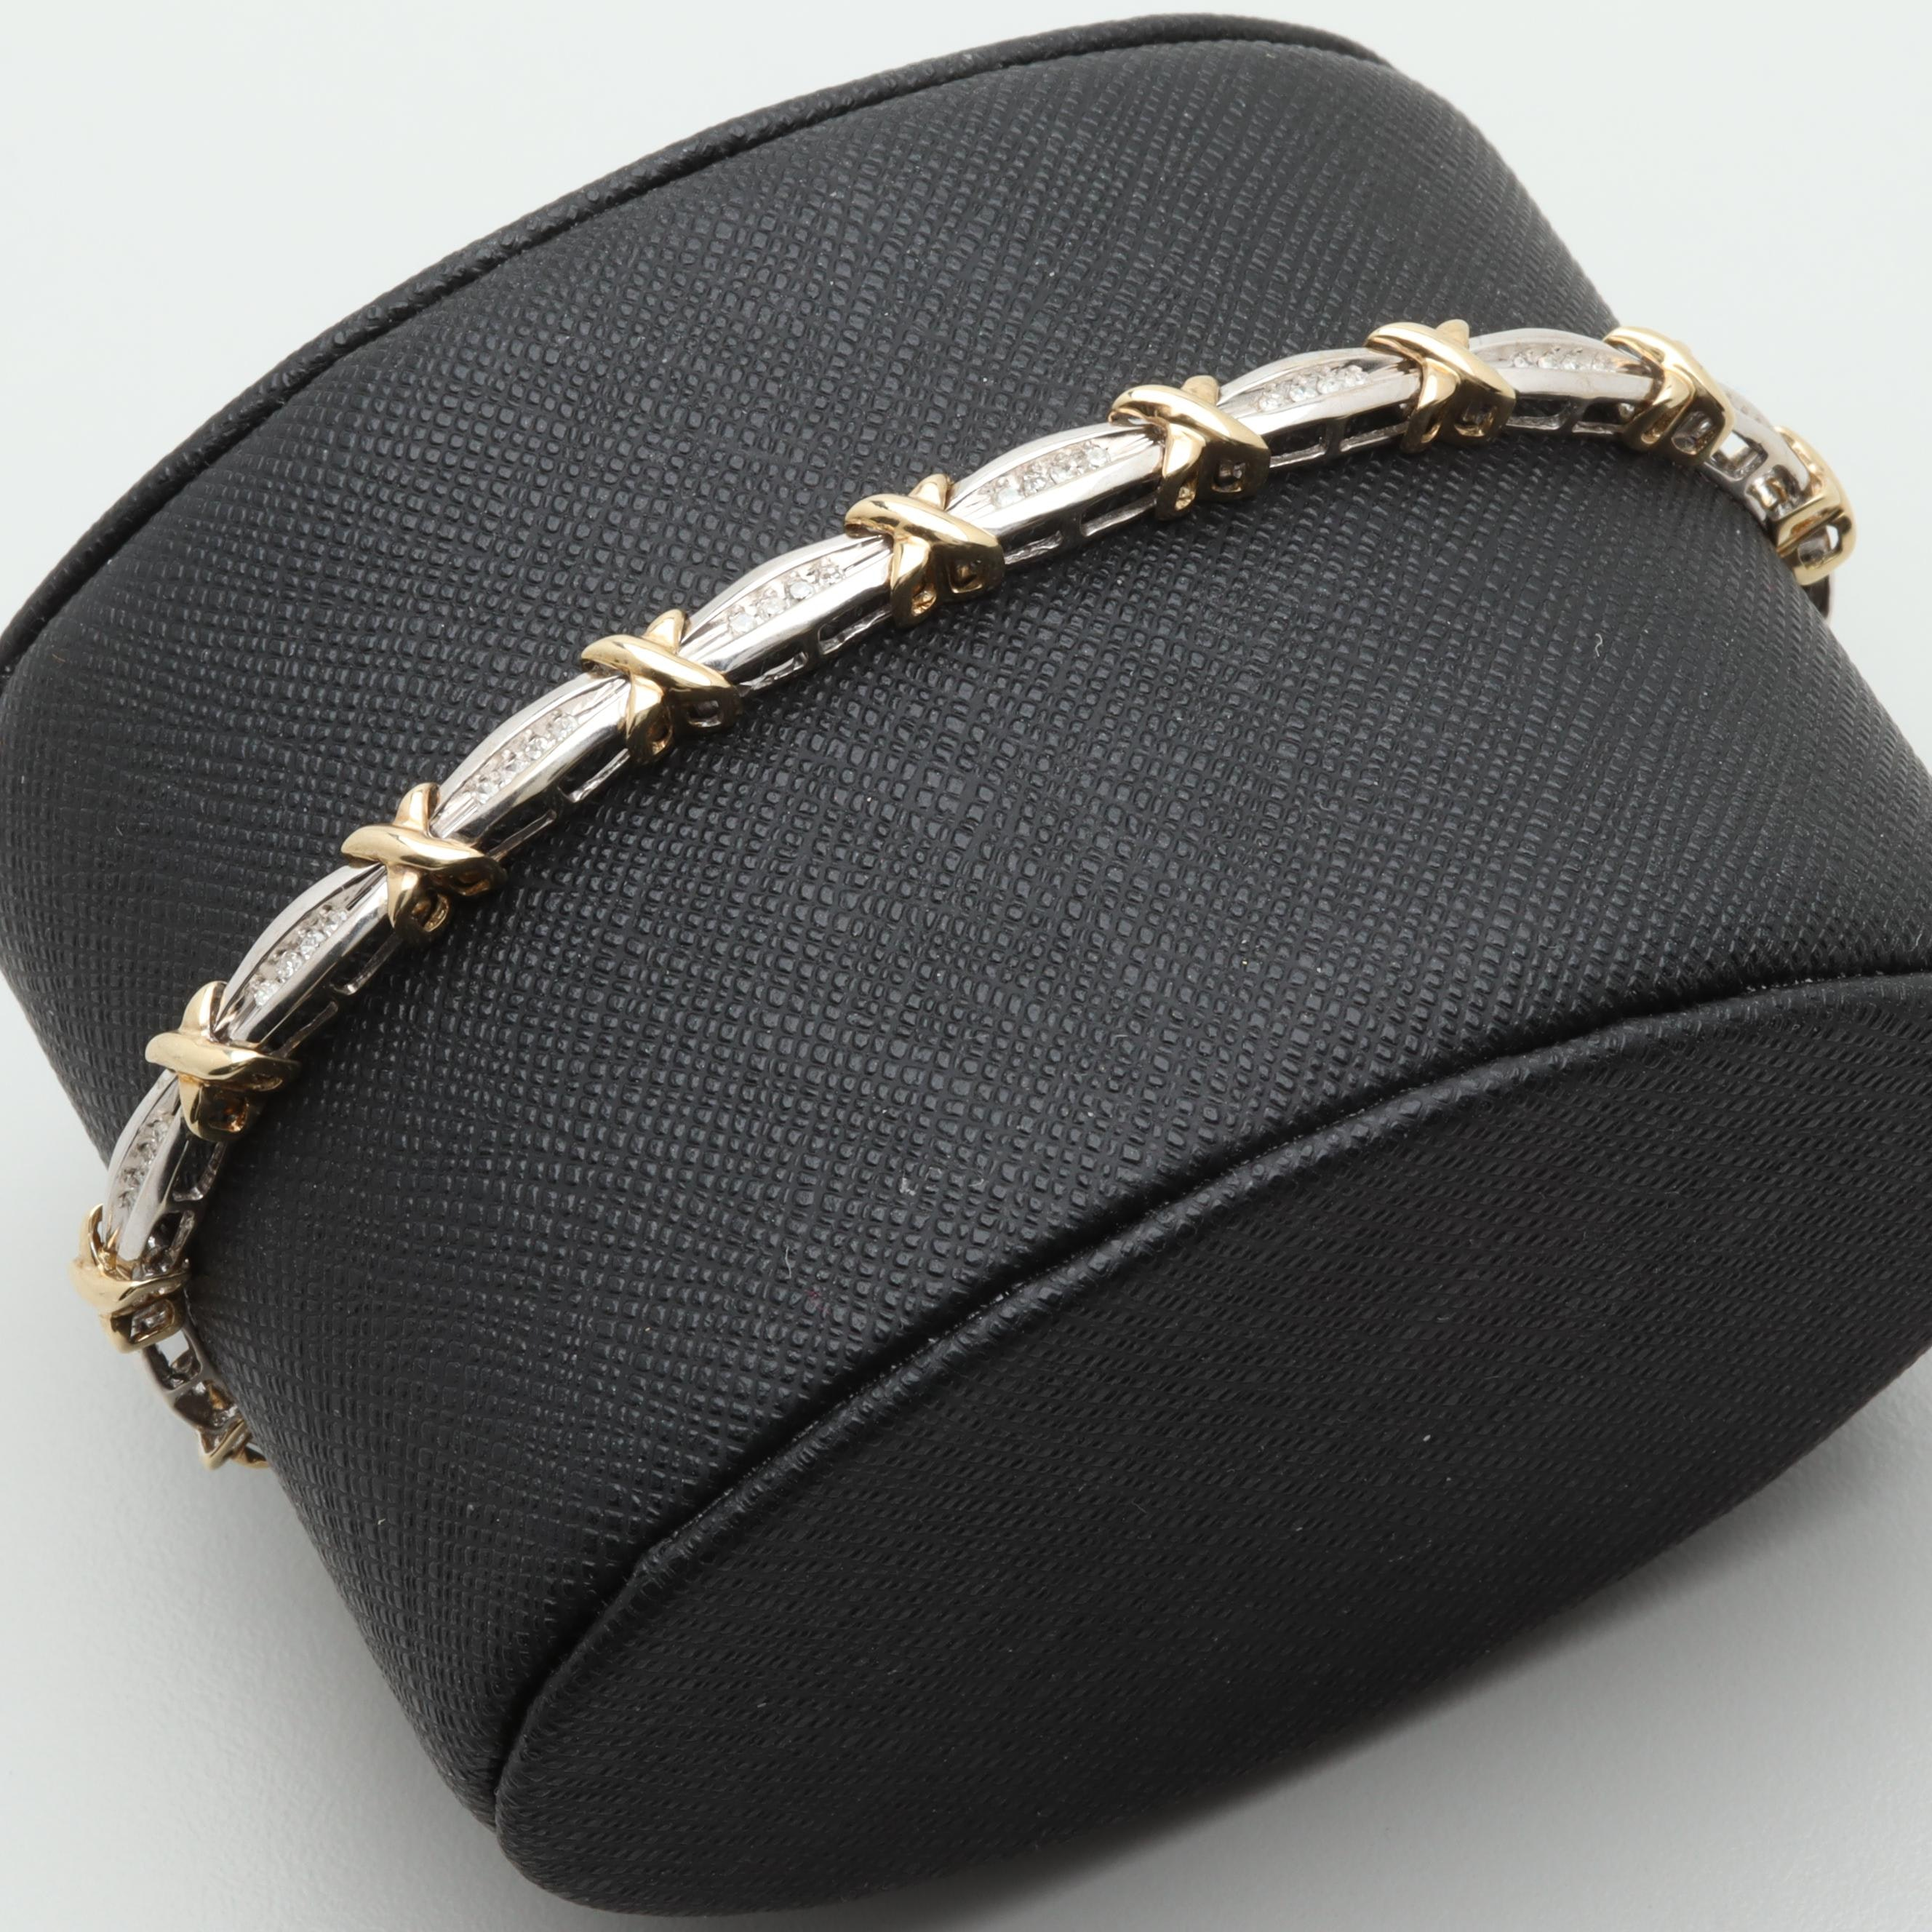 10K White and Yellow Gold Diamond Bracelet